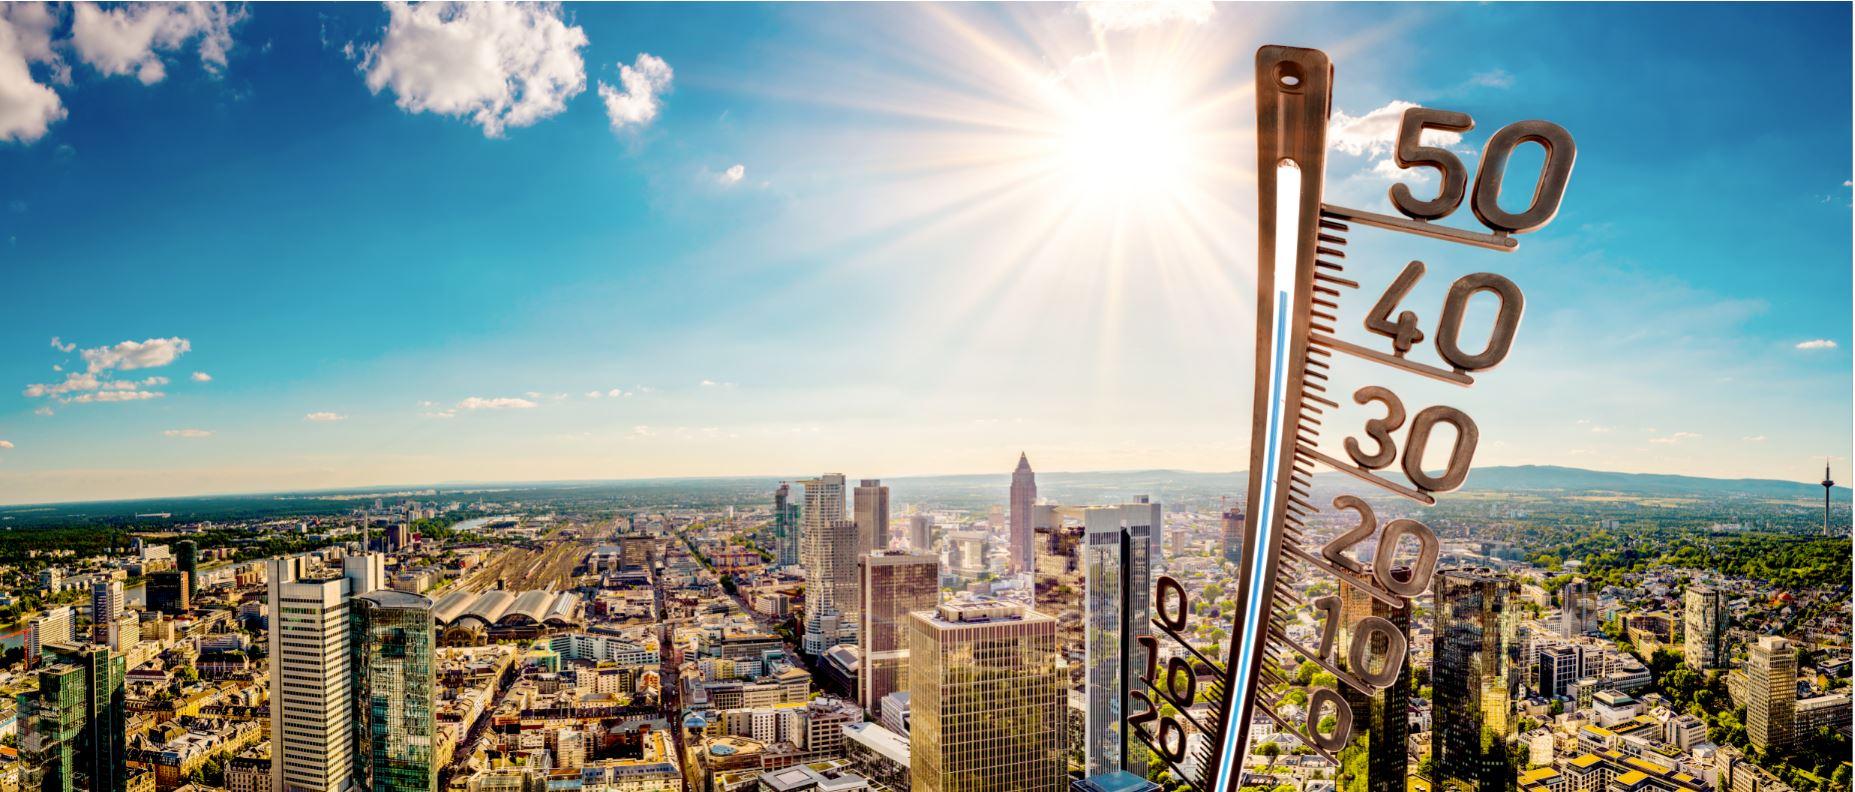 Entfliehen Sie der Hitze in der Stadt!Home Office im Hotel Bergrkristall